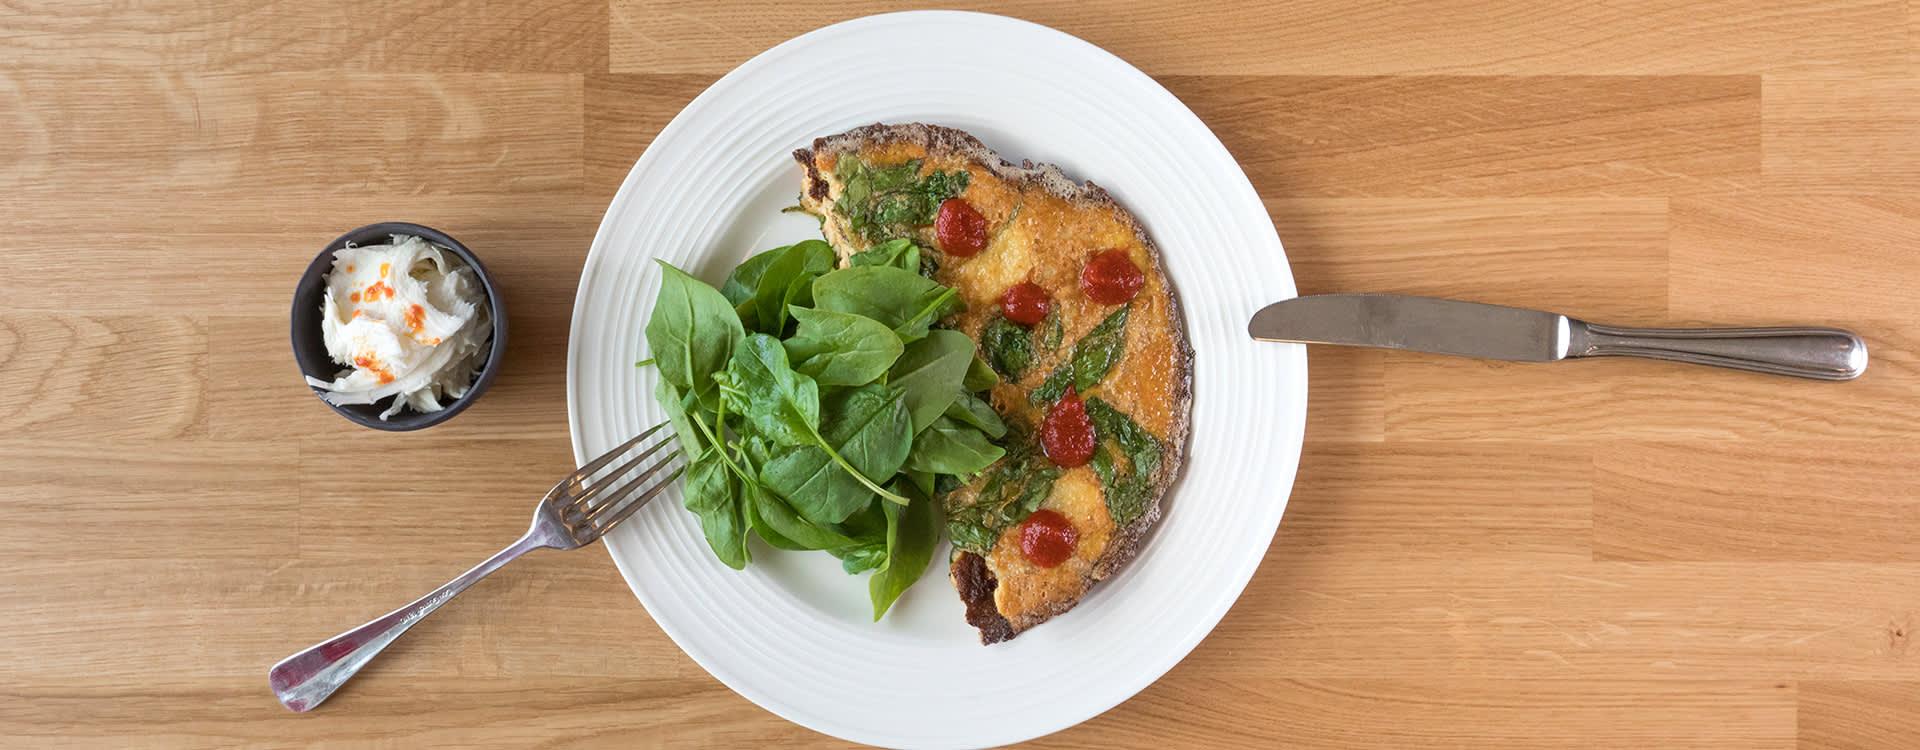 Sriracha-omelett med spinat og mozzarella er en kjapp og smakfull middag.